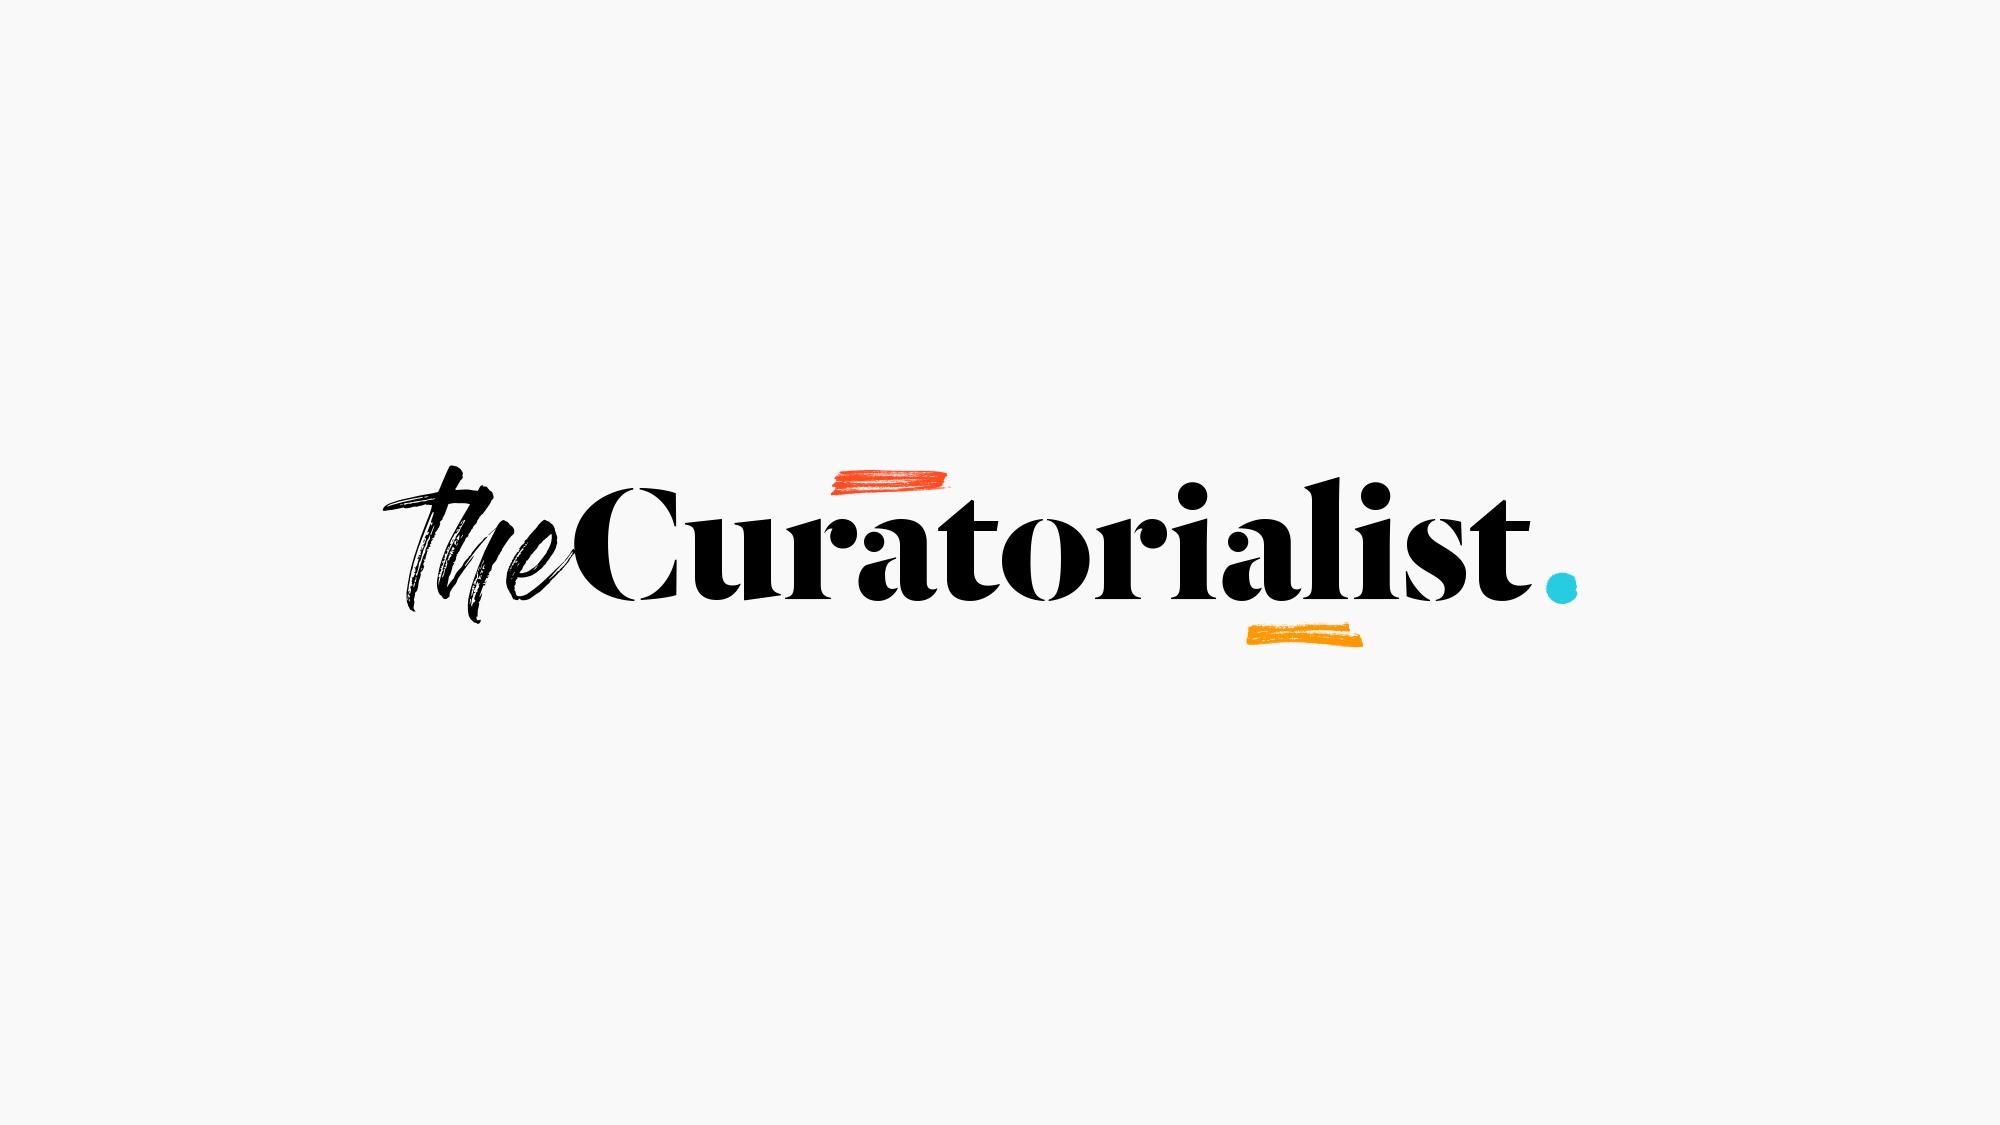 thecuratorialist_02b